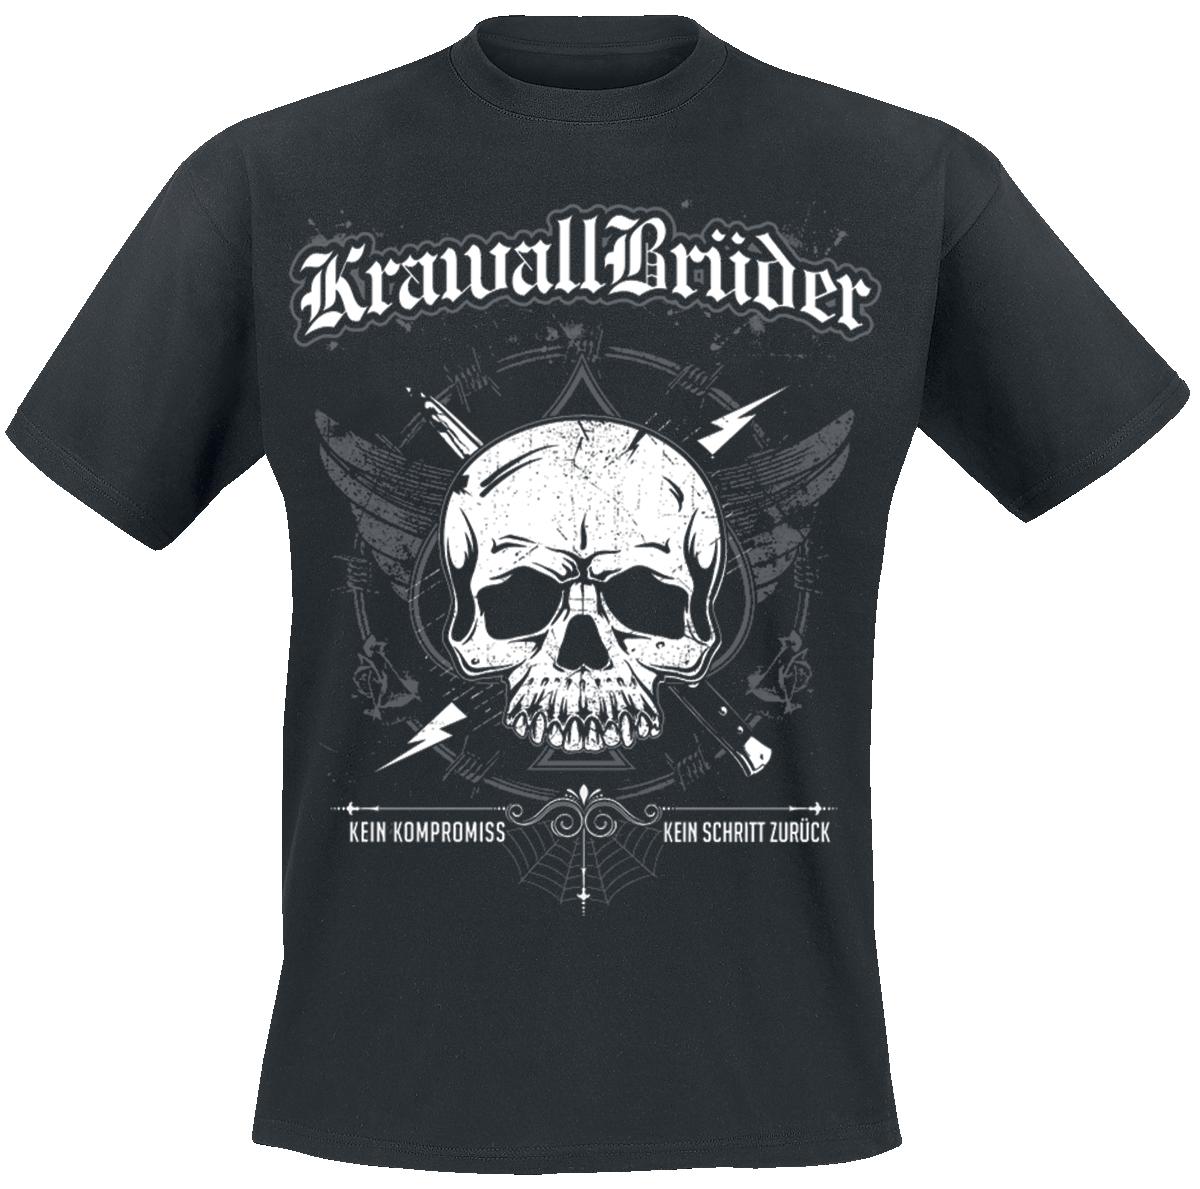 KrawallBrüder - Kein Kompromiss - T-Shirt - black image